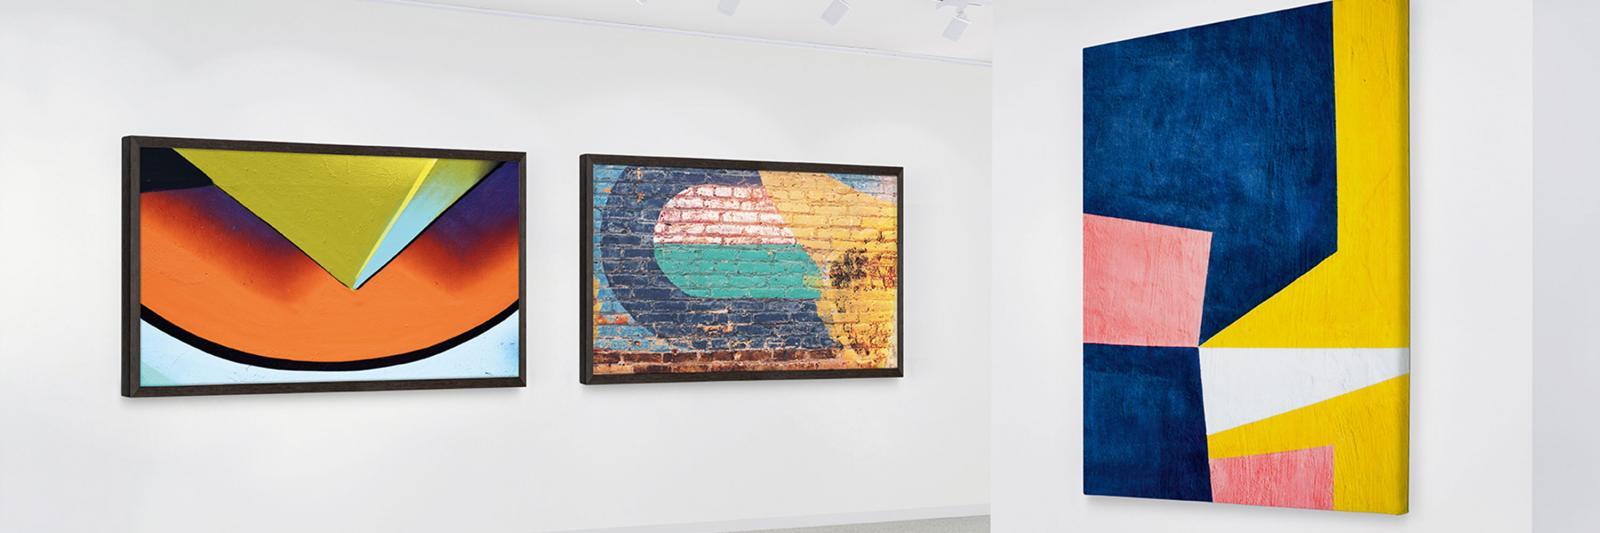 Photo und Art, bedruckbareKünsterleinwände und Fotopapiere drei farbige Kunstreproduktionen an der Wand einer Galerie